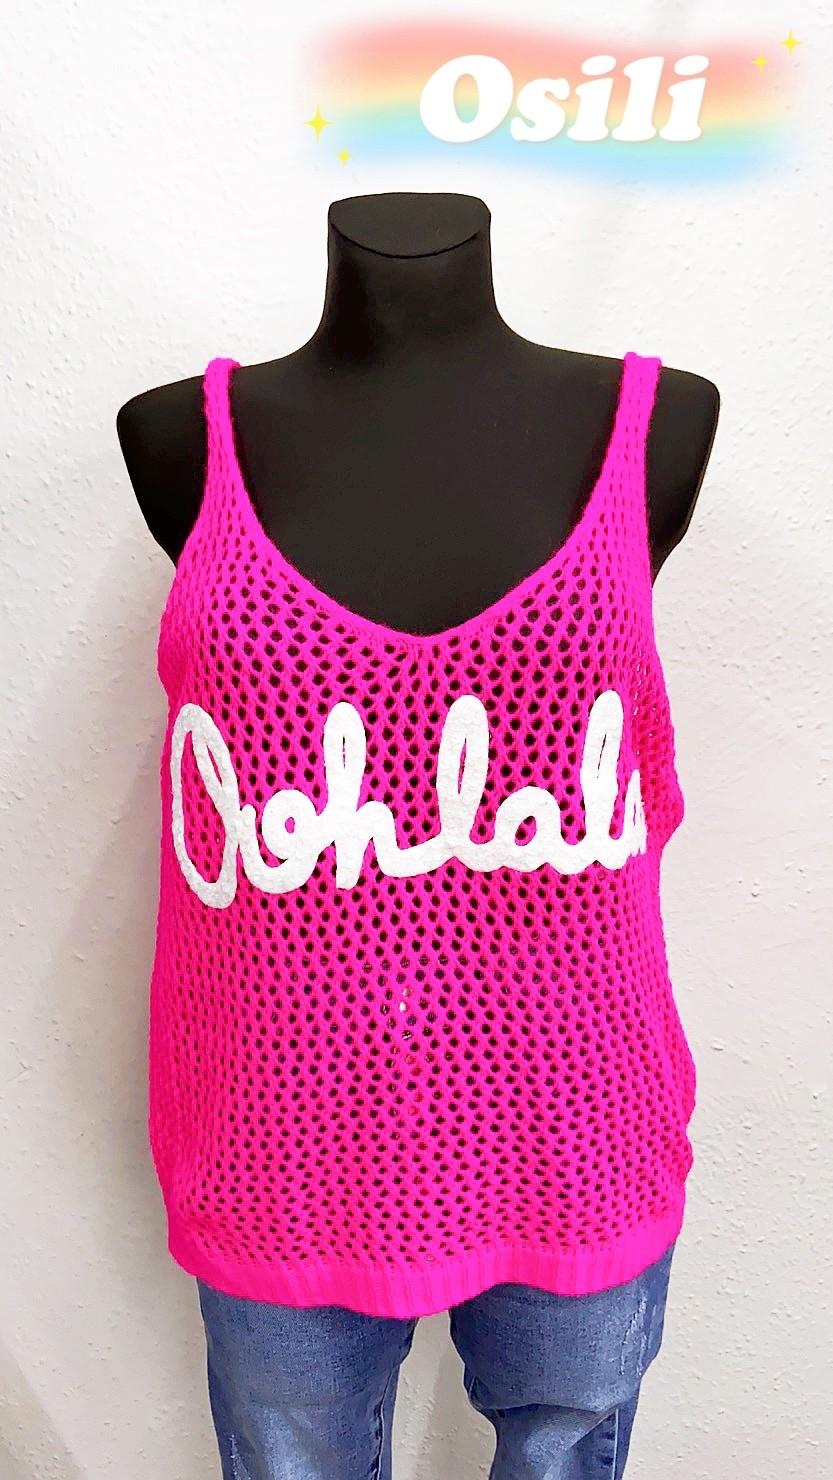 670251EA 1DE4 4033 827A 2ED2F9A0E6CC Osili - Fashion - Divat